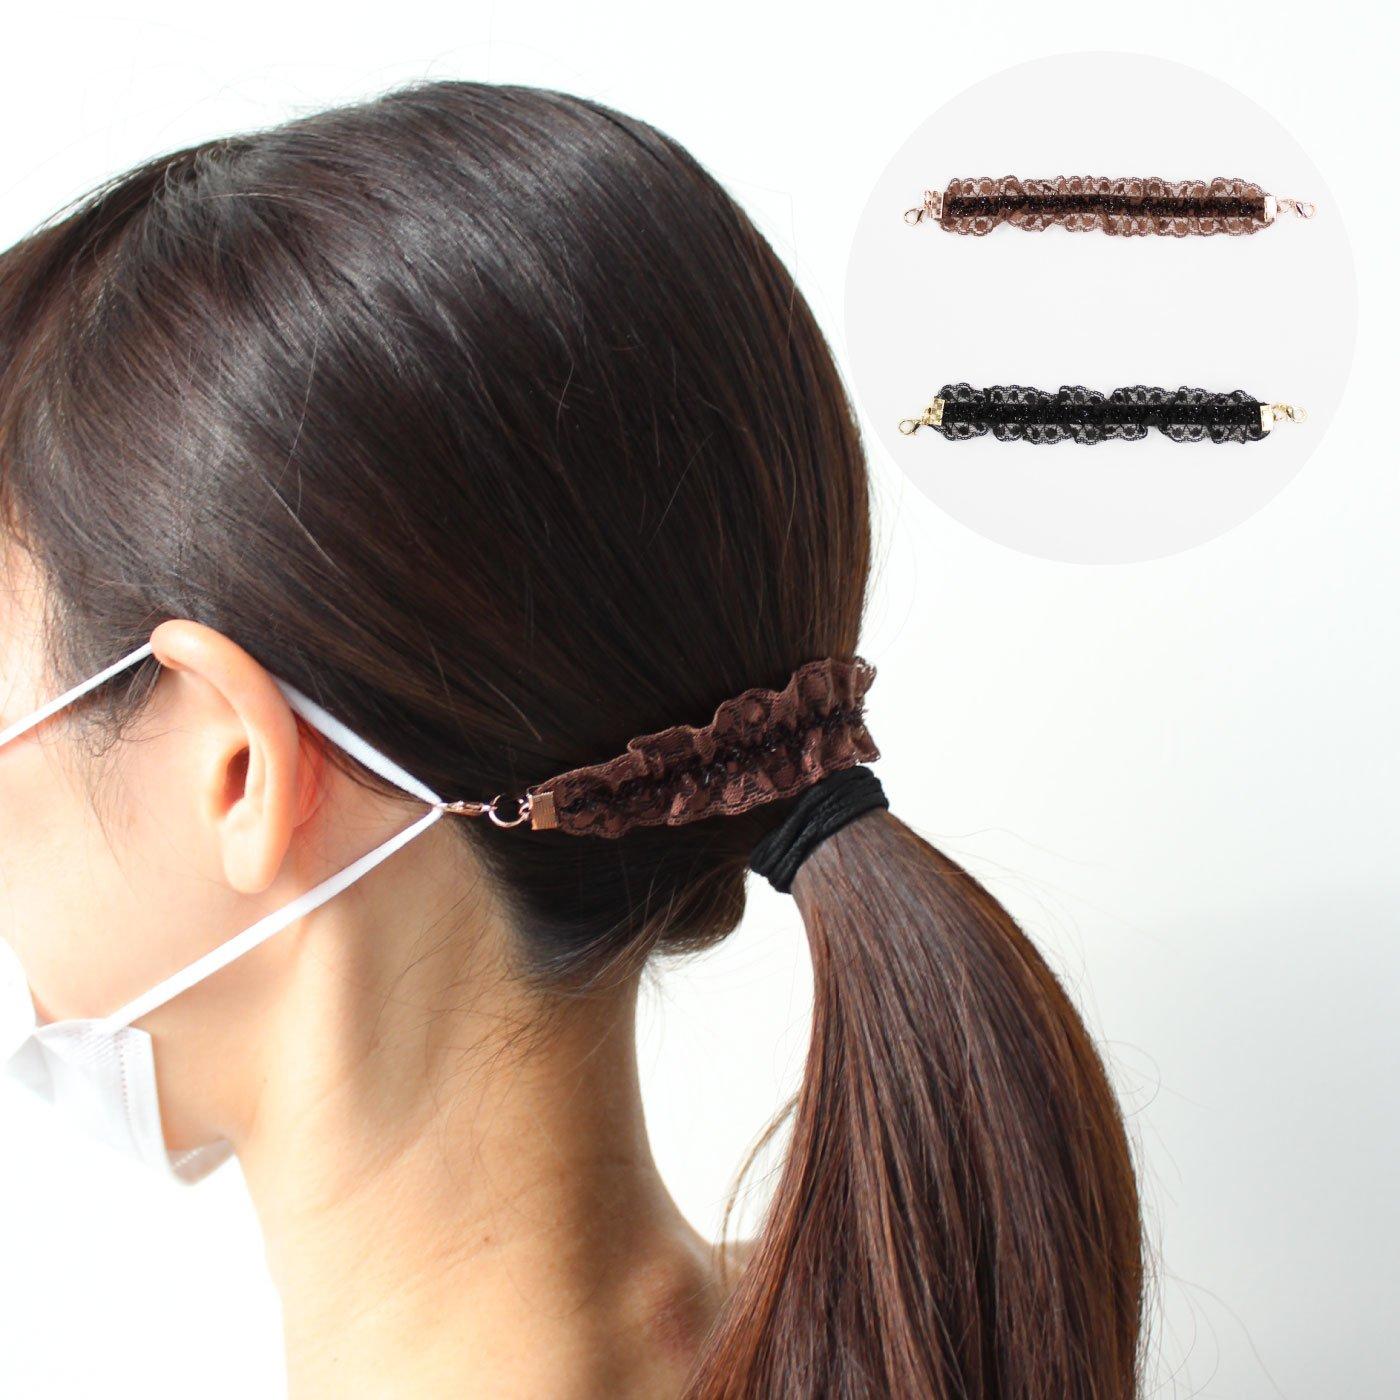 【WEB限定】IEDIT[イディット] マスクゴムの耳の痛みにサヨナラ! ヘアアクセのように自然につけられるフリルレースリボンテープのマスクストラップ